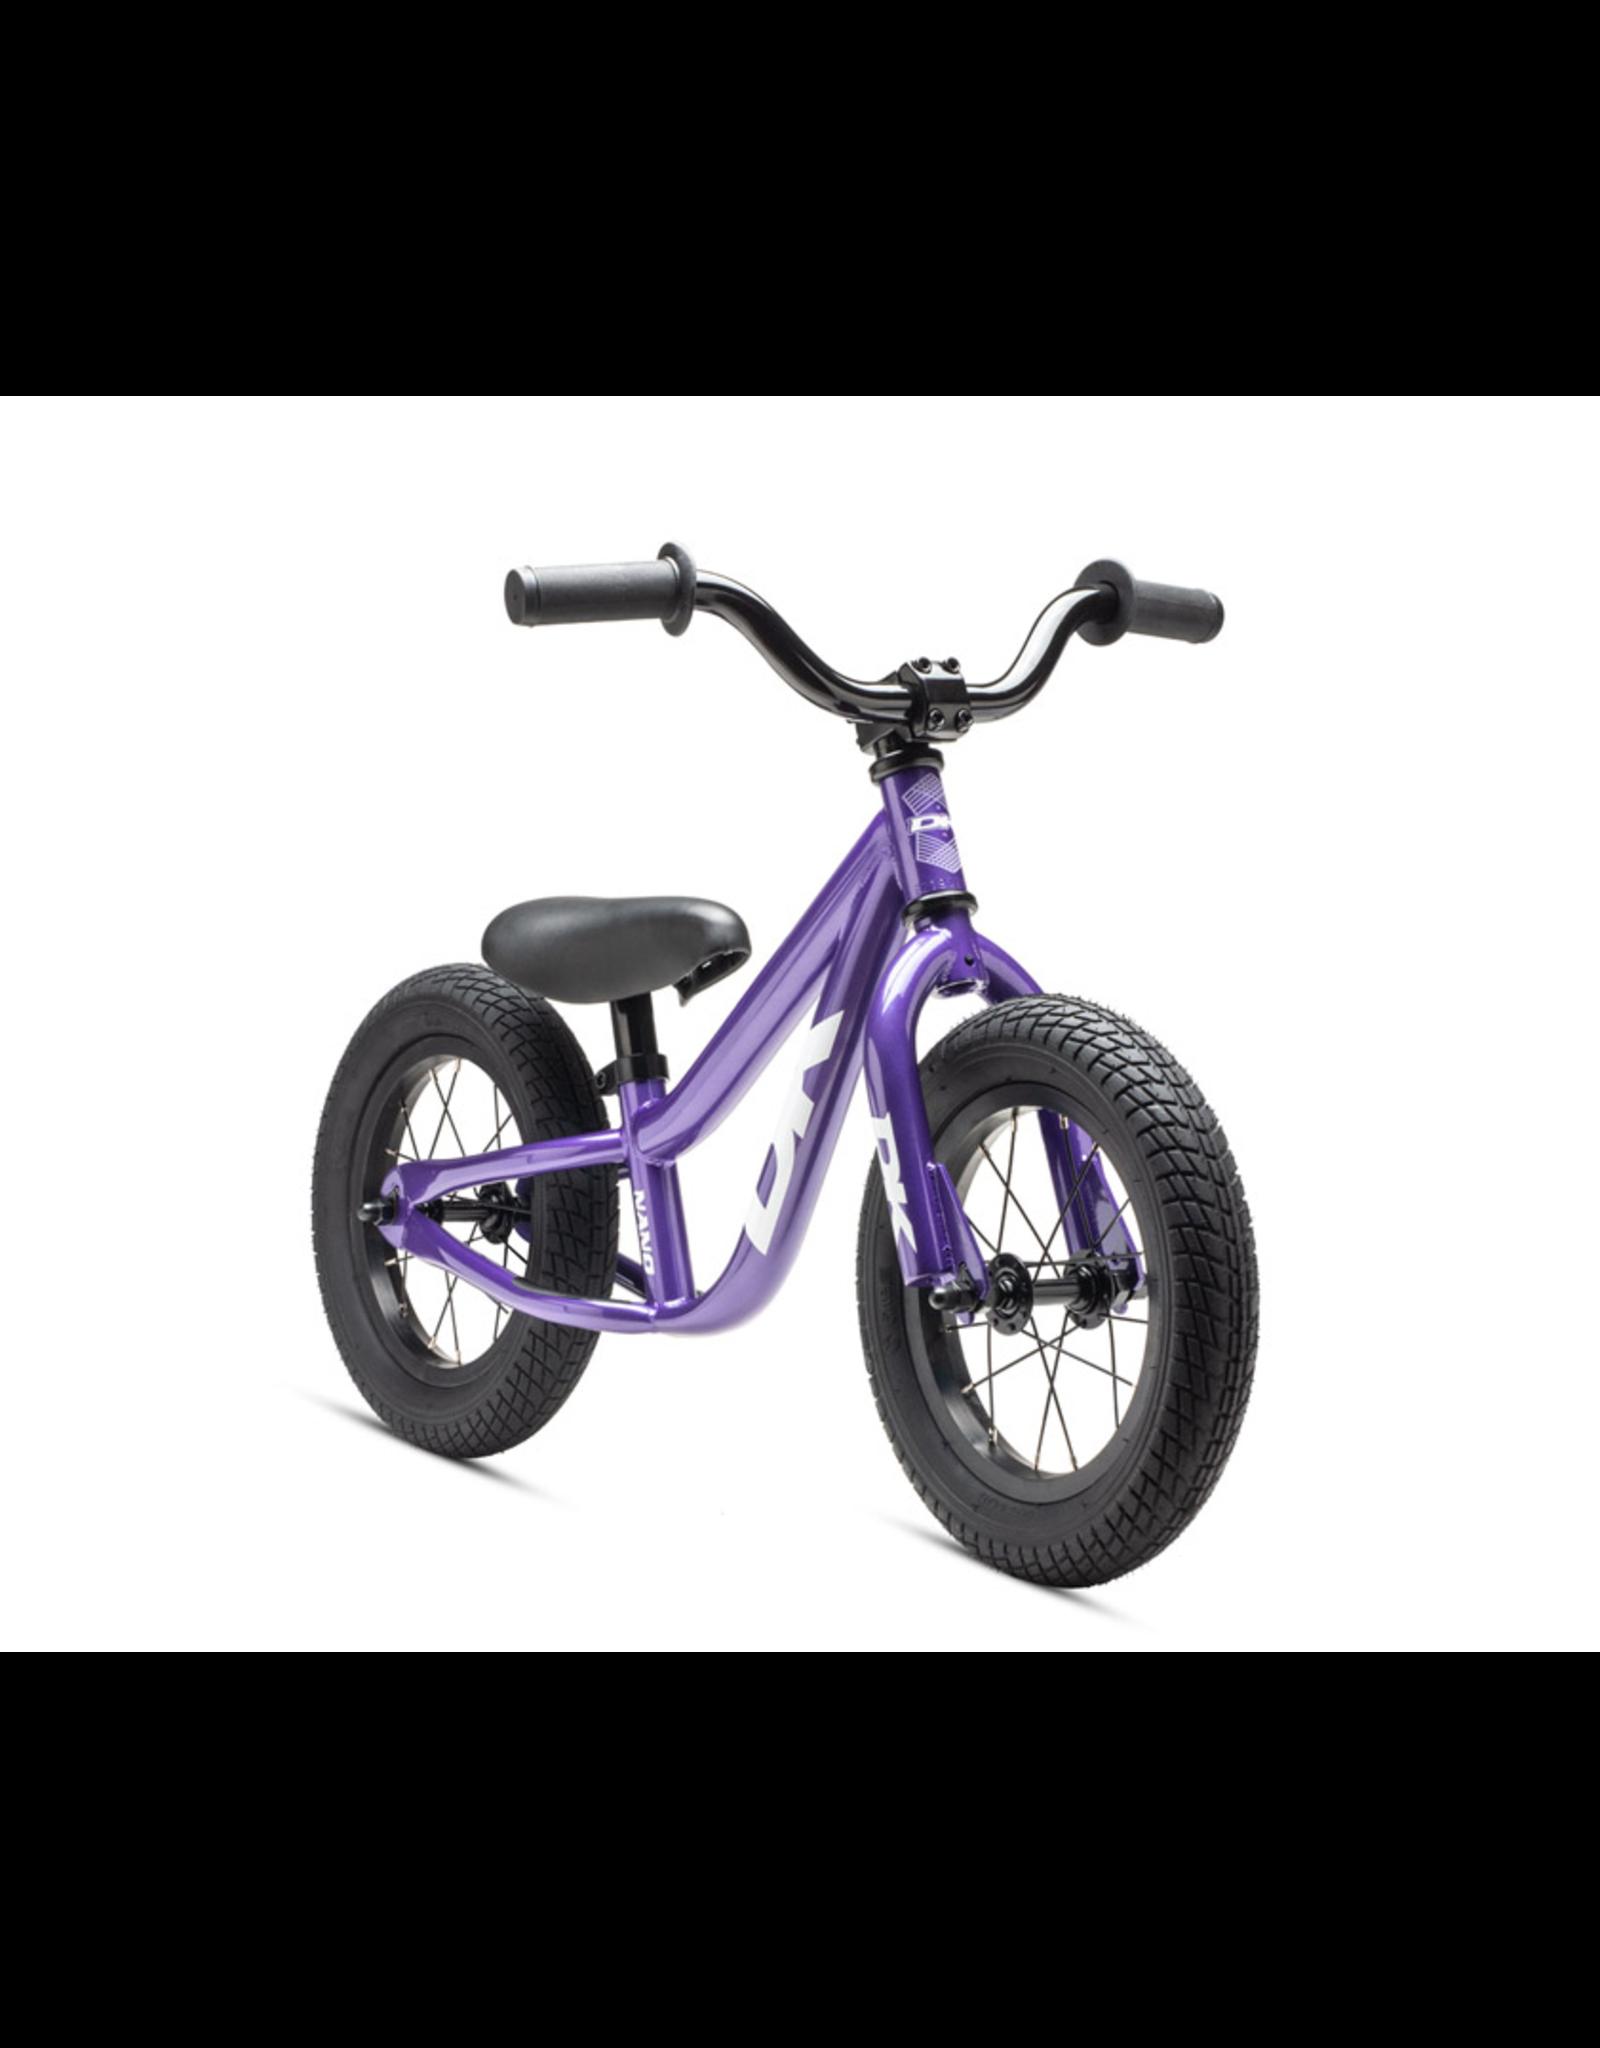 DK BMX DK BICYCLES NANO BALANCE BIKE PURPLE